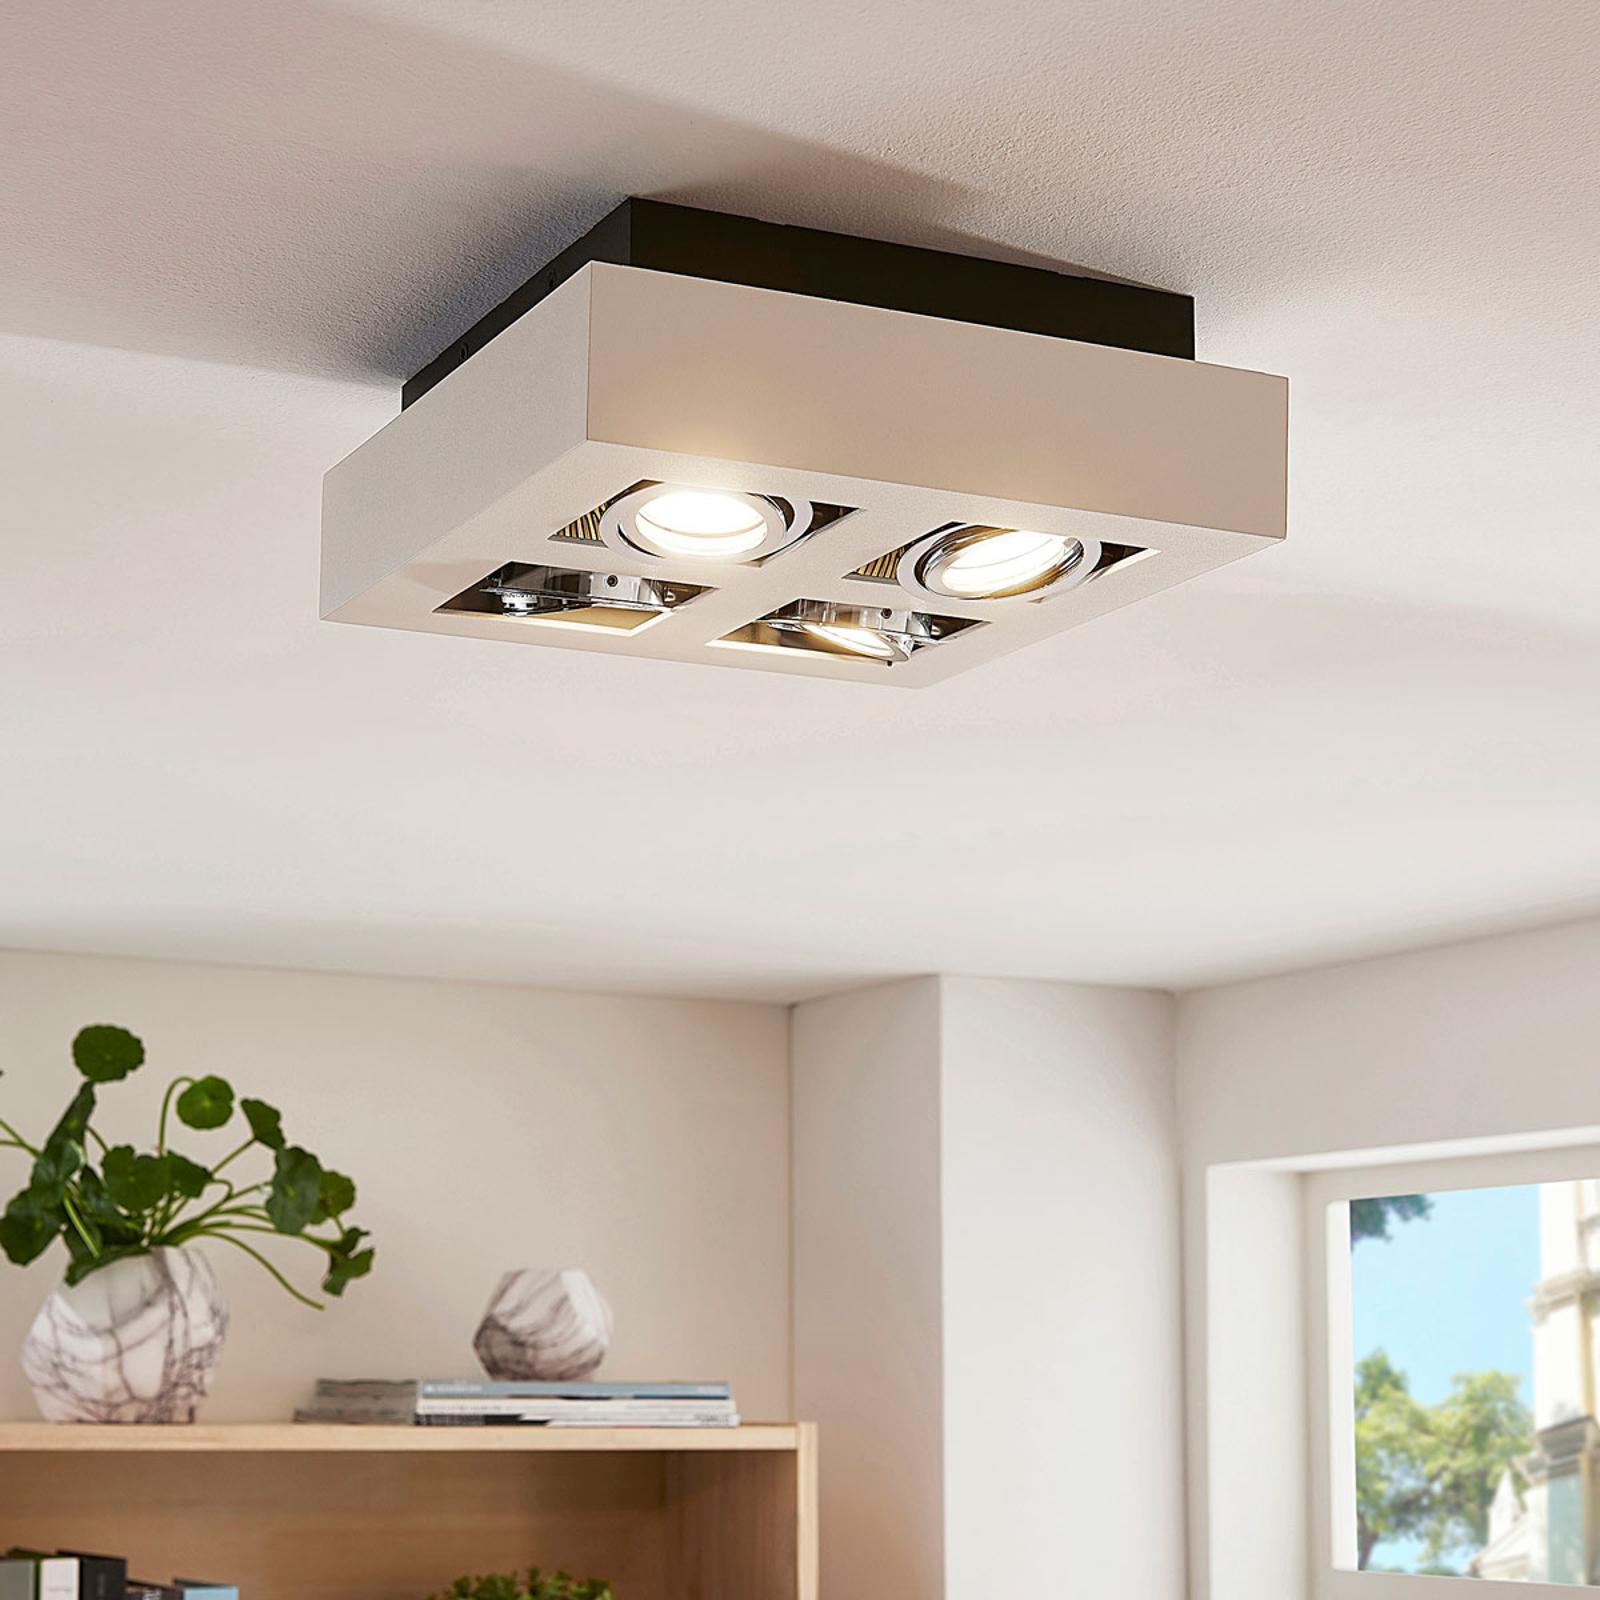 Firkantet LED-taklampe Vince med 4 lys, hvit